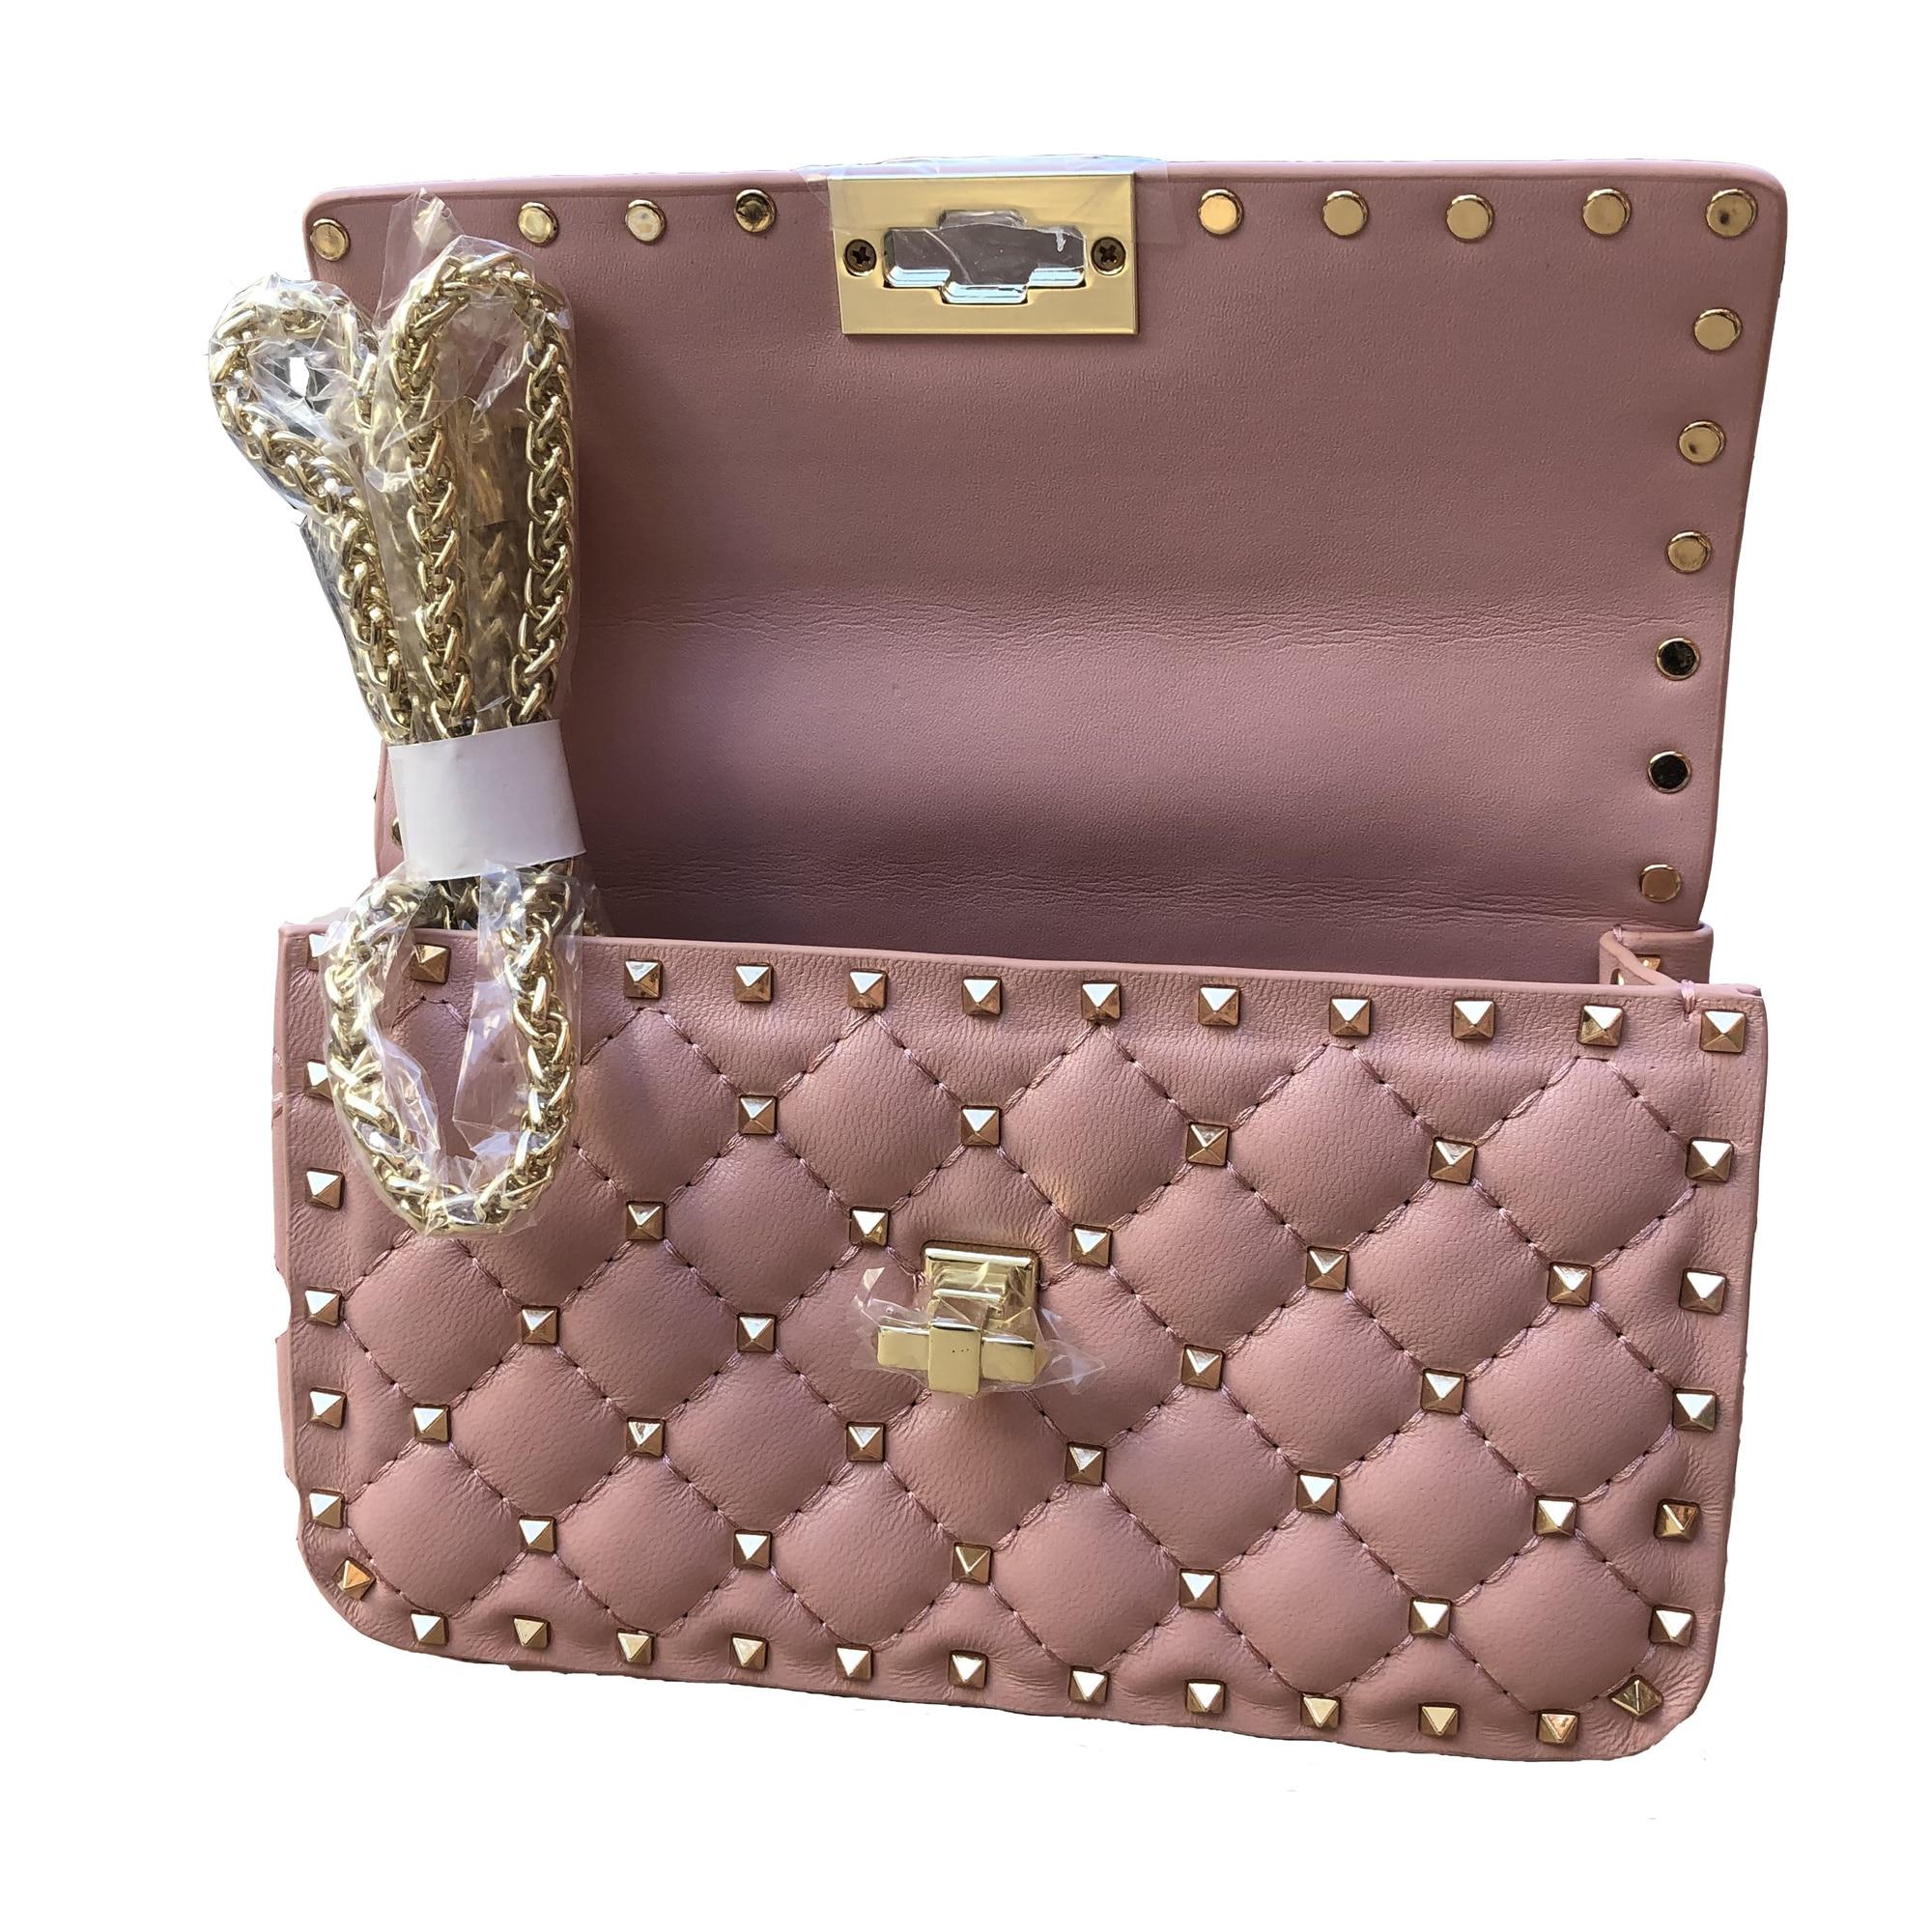 Bolso de cuero genuino para mujer 2020, bolso de hombro de lujo a la moda, cadena bandolera con tachuelas de diseñador, marca Rockstud Spike lady Flap